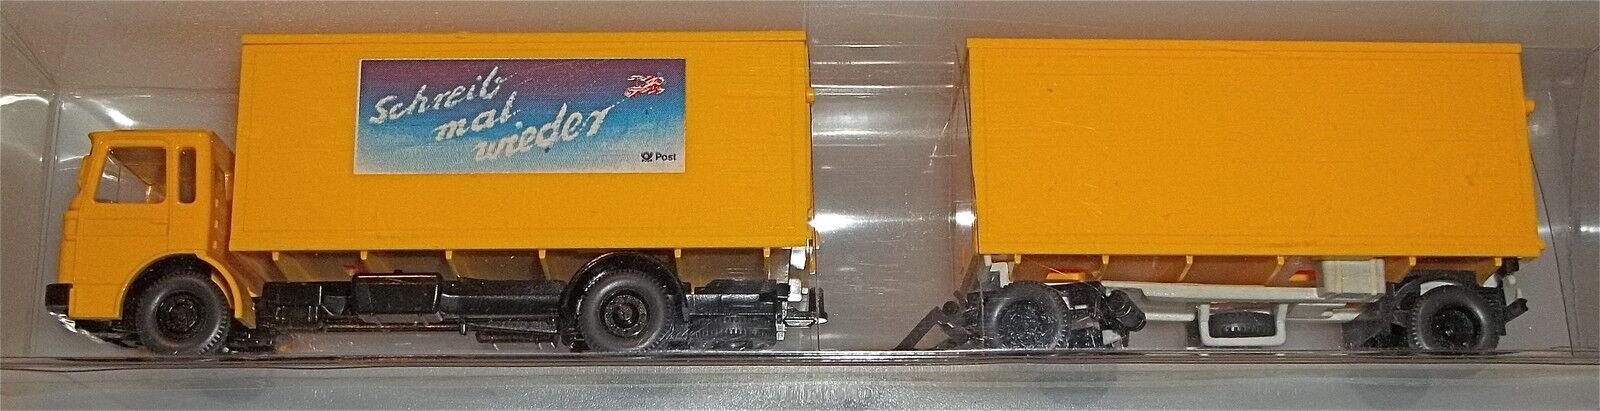 Deutsche post Roadtrain Photo Pre-series Model Wiking 1 87 Å